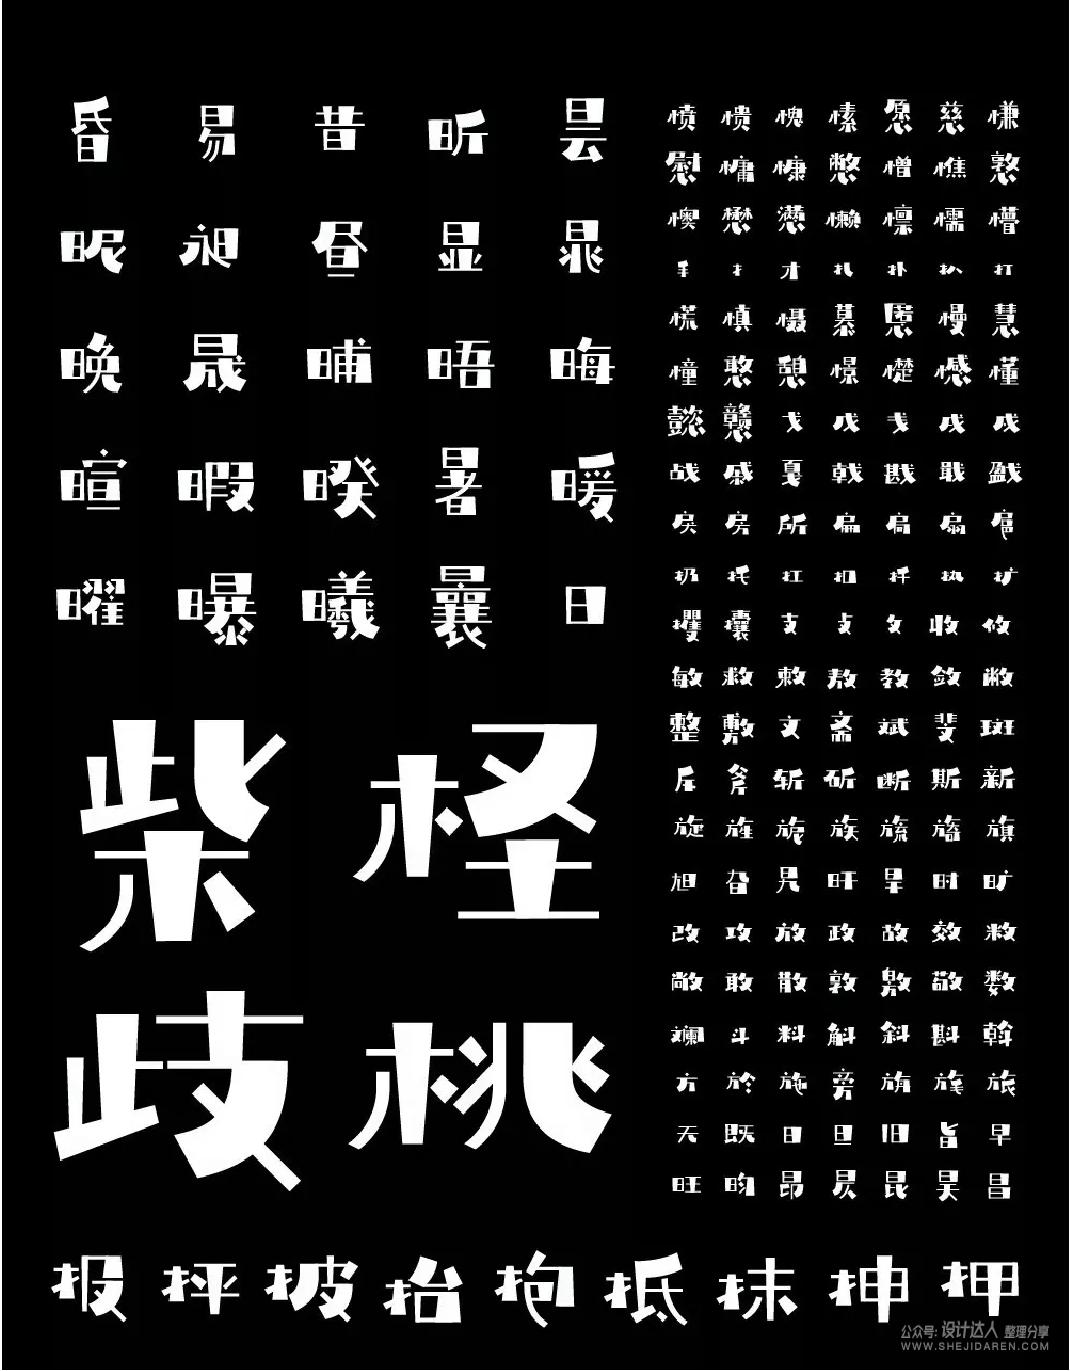 漂亮的圆体、卡通体字体包(免费商用字体系列)